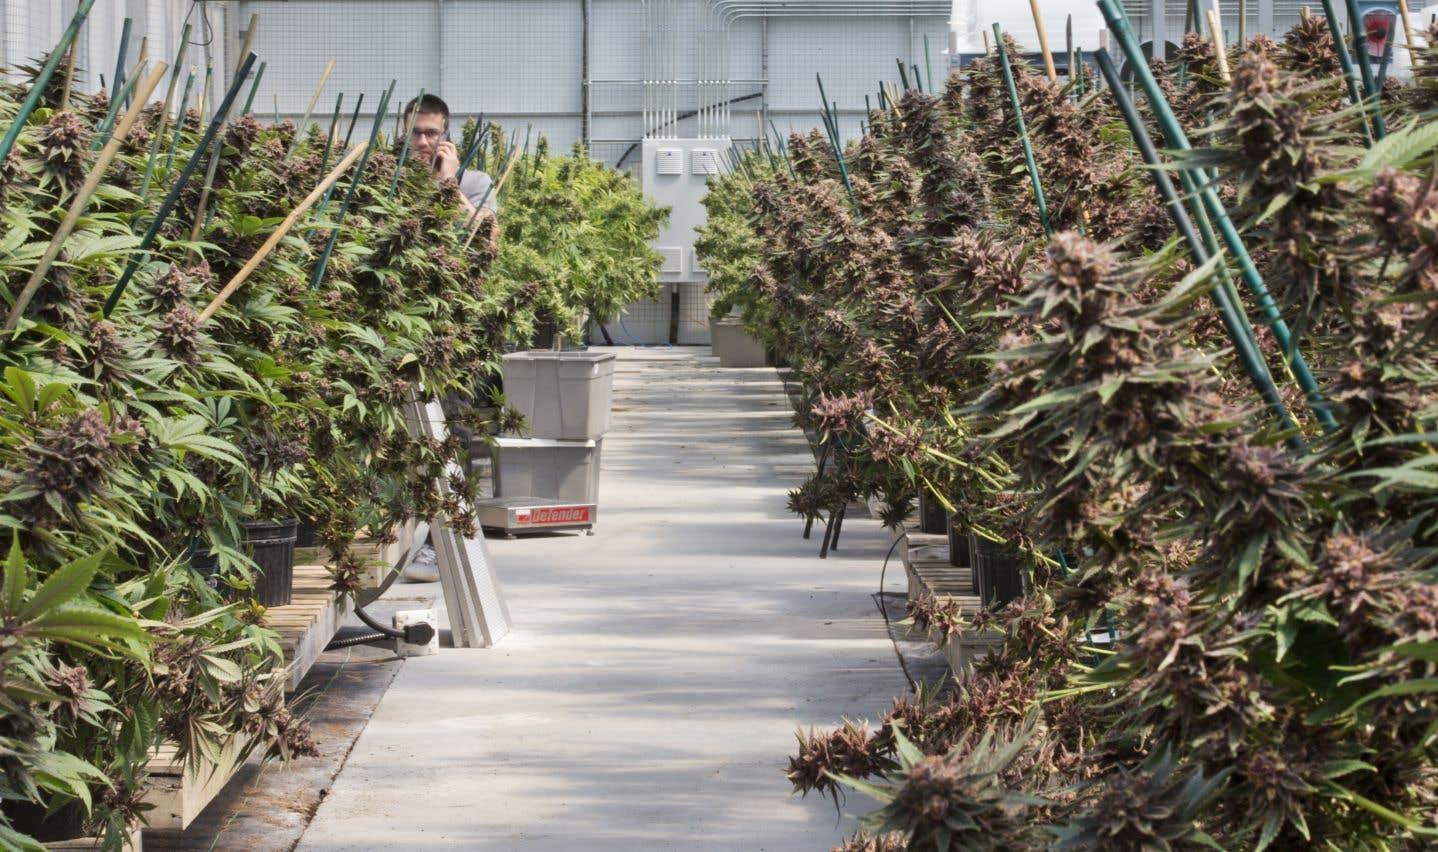 L'outaouaise Hydropothicaire fait partie des six sites actuels où des producteurs ont été autorisés par Santé Canada à cultiver du cannabis au Québec.